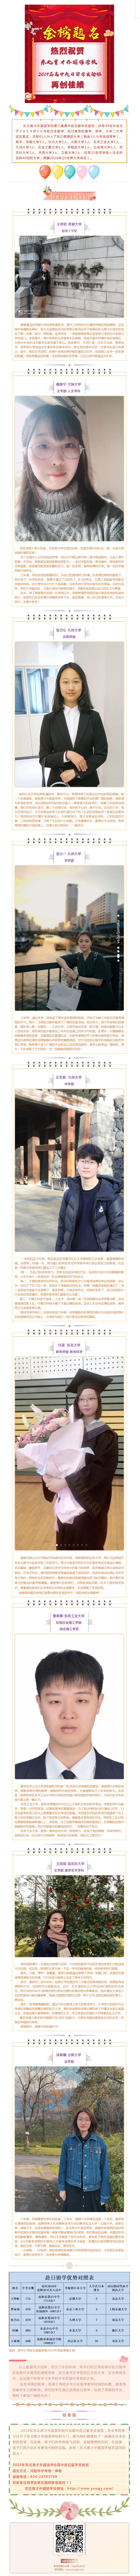 育外app远赴东瀛升学手机版喜报频传(第一篇)_20200322130225.jpg